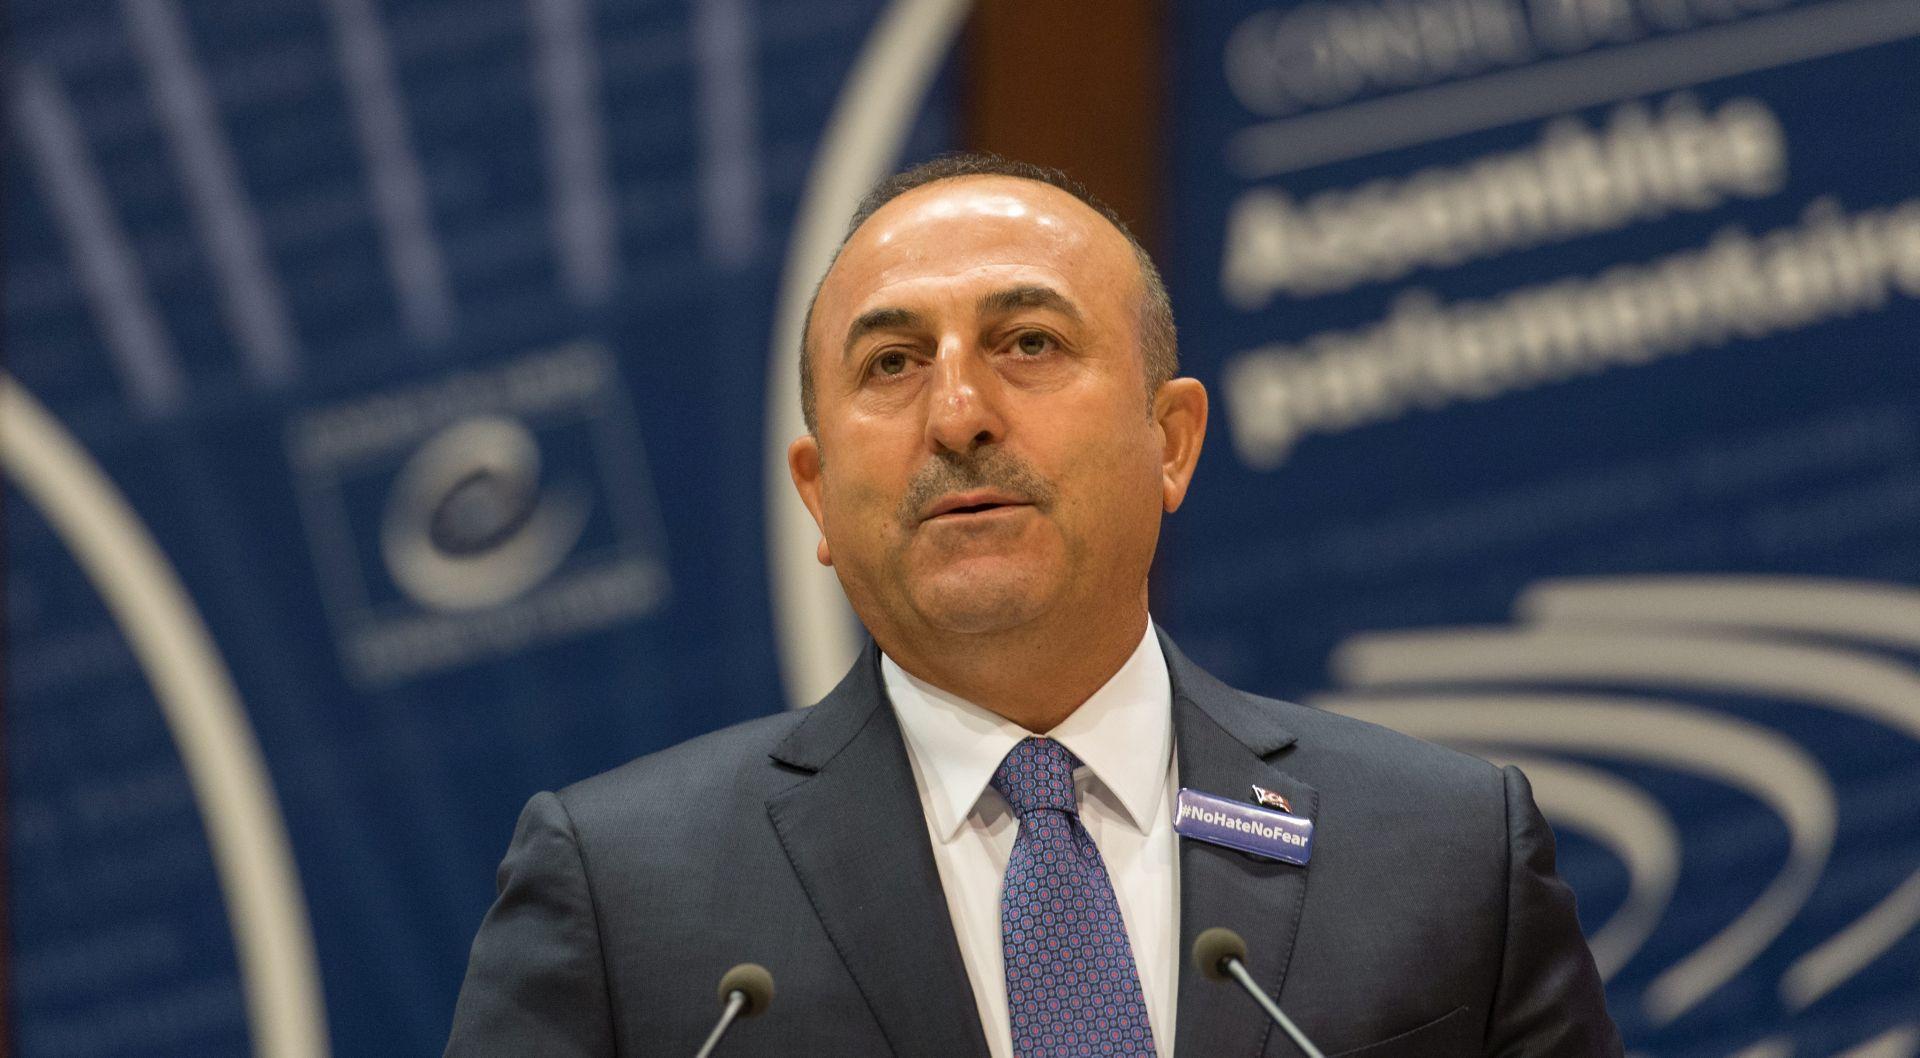 Turski ministar rekao da će raditi na poboljšanju odnosa s Njemačkom